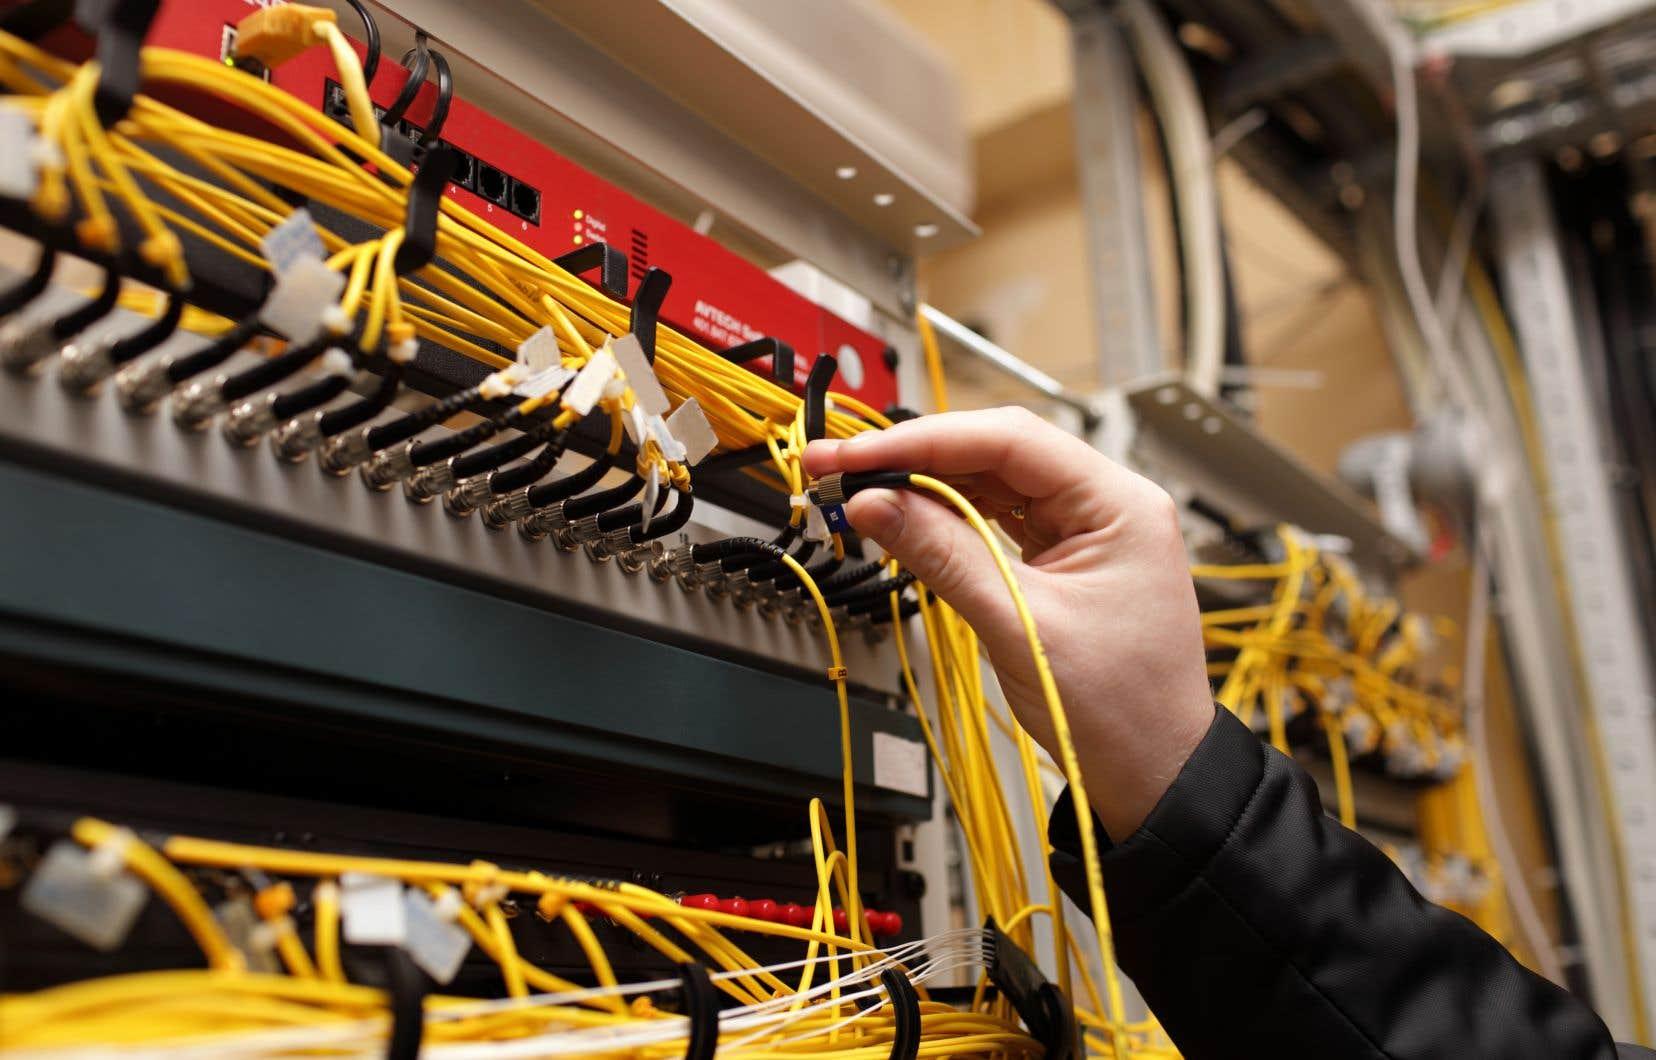 Des opérateurs de réseaux canadiens comme Colba, Net, Distributel, Ebox et TekSavvy estiment «demeurer incapables d'offrir des services compétitifs» en utilisant les services de gros des sociétés titulaires.